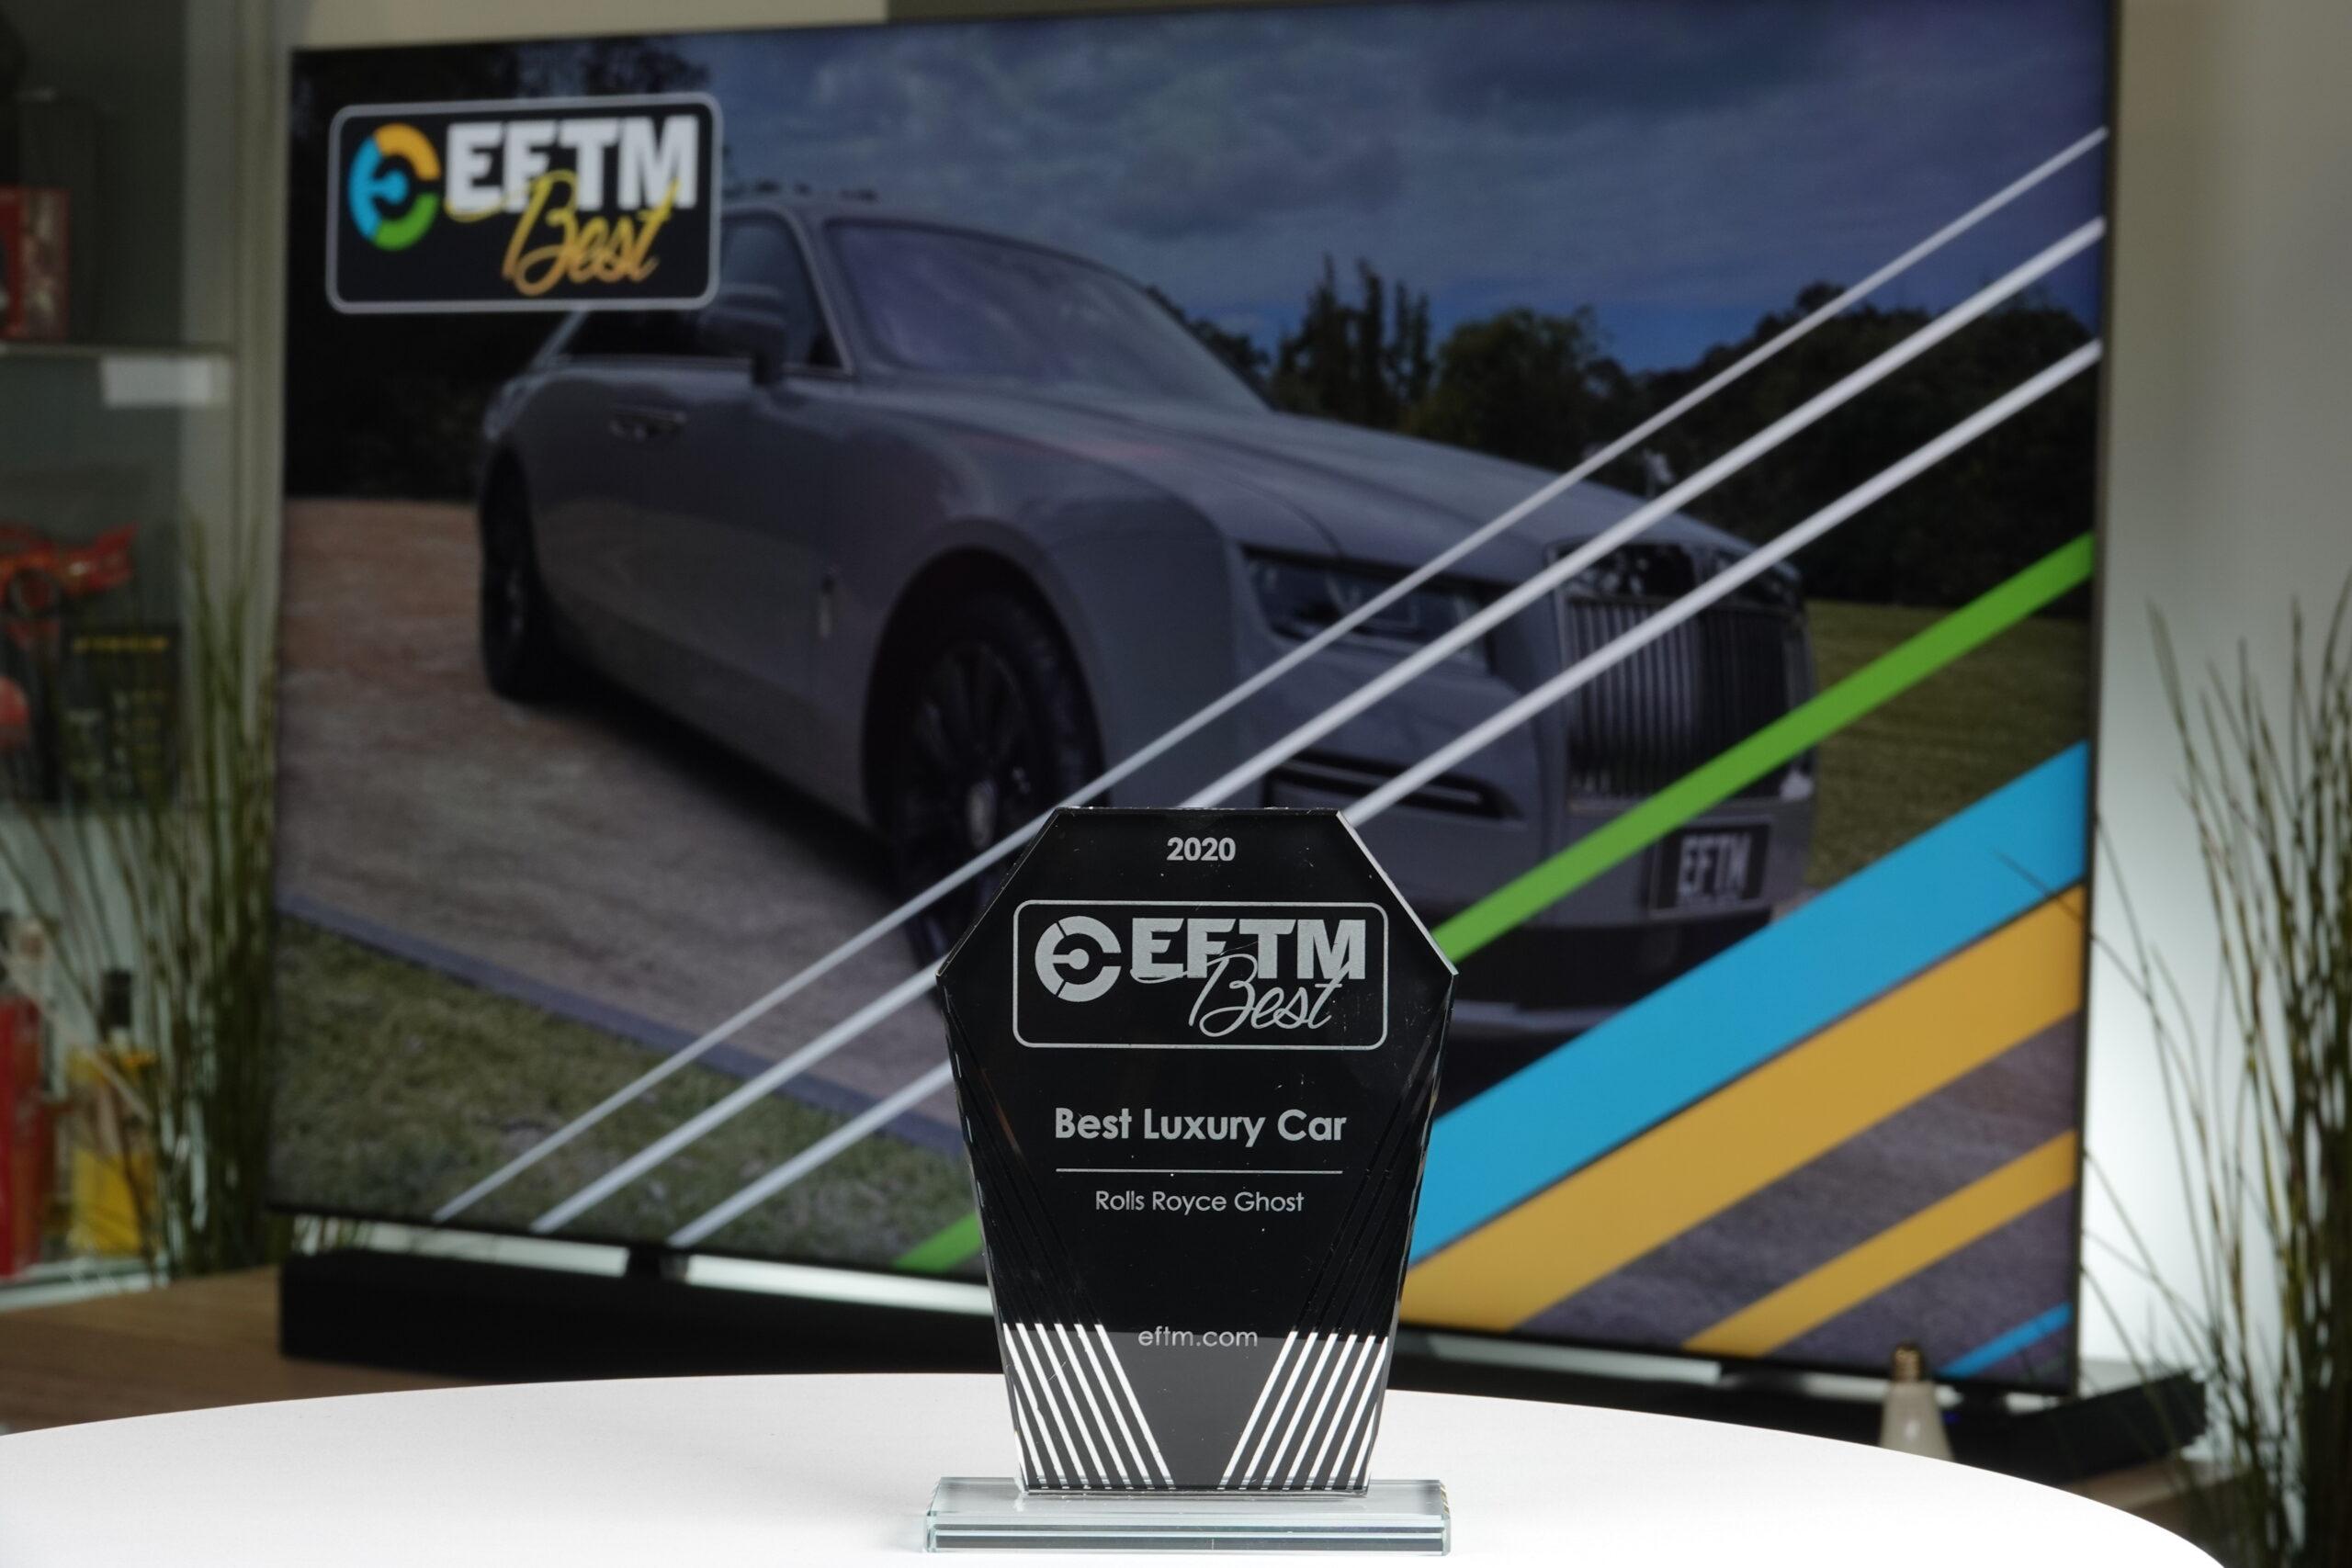 Eftm Best Luxury Car 2020 Rolls Royce Ghost Eftm